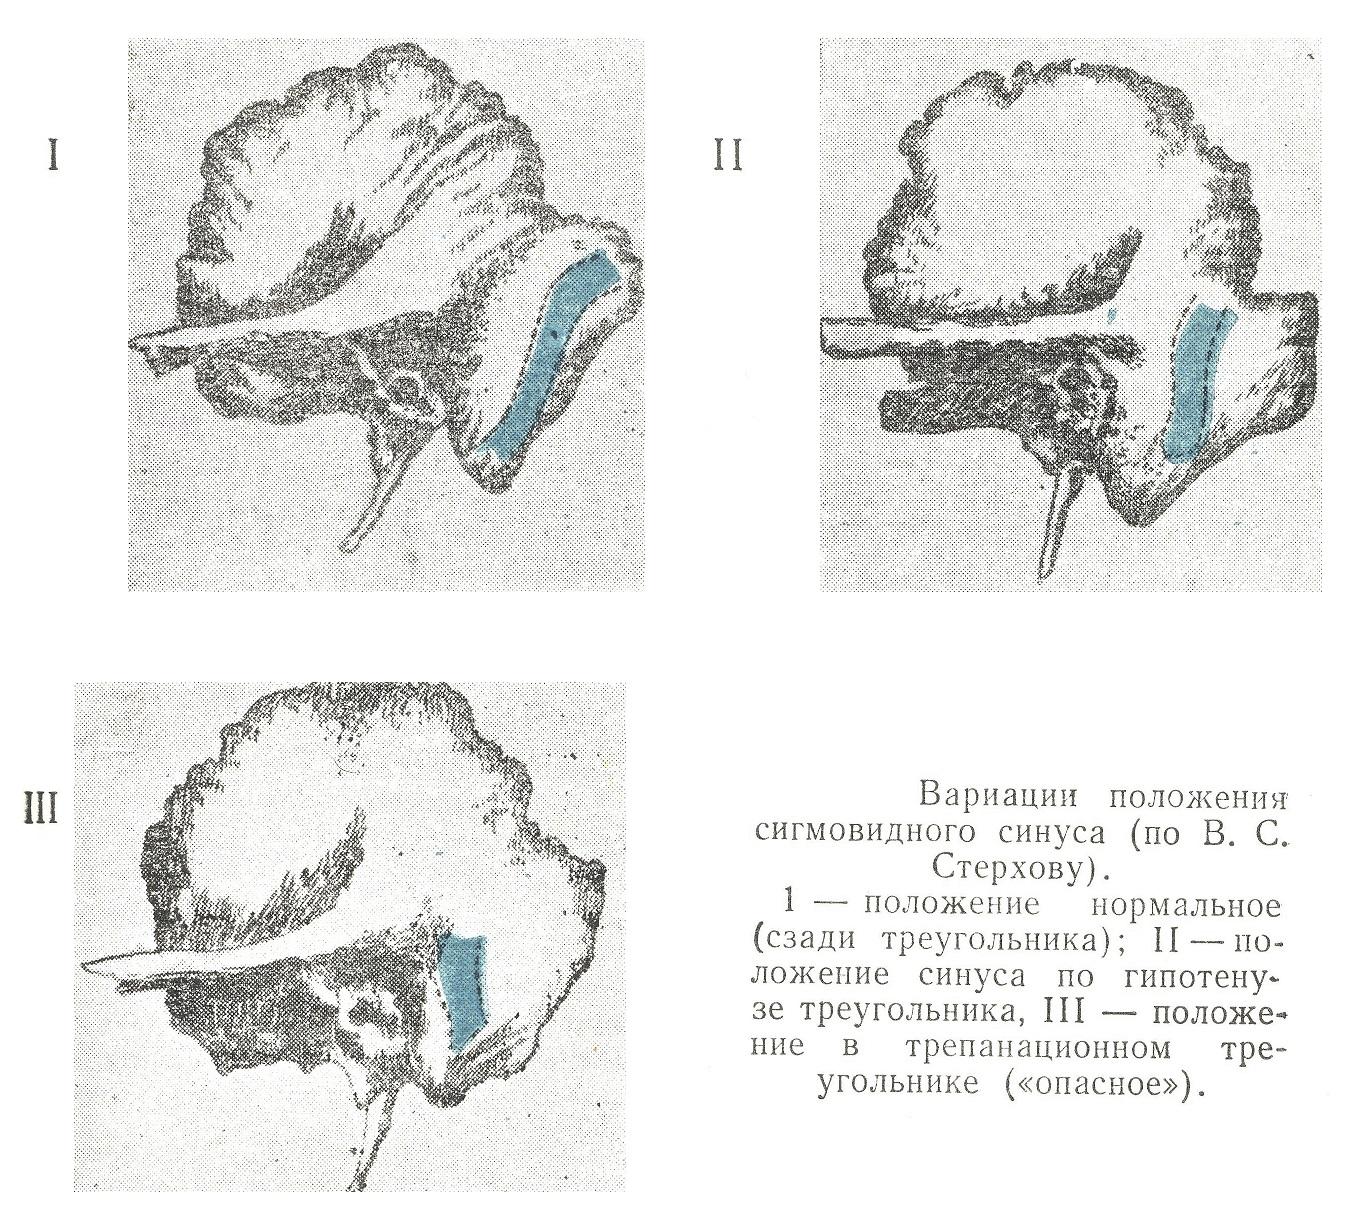 Вариации положения сигмовидного синуса